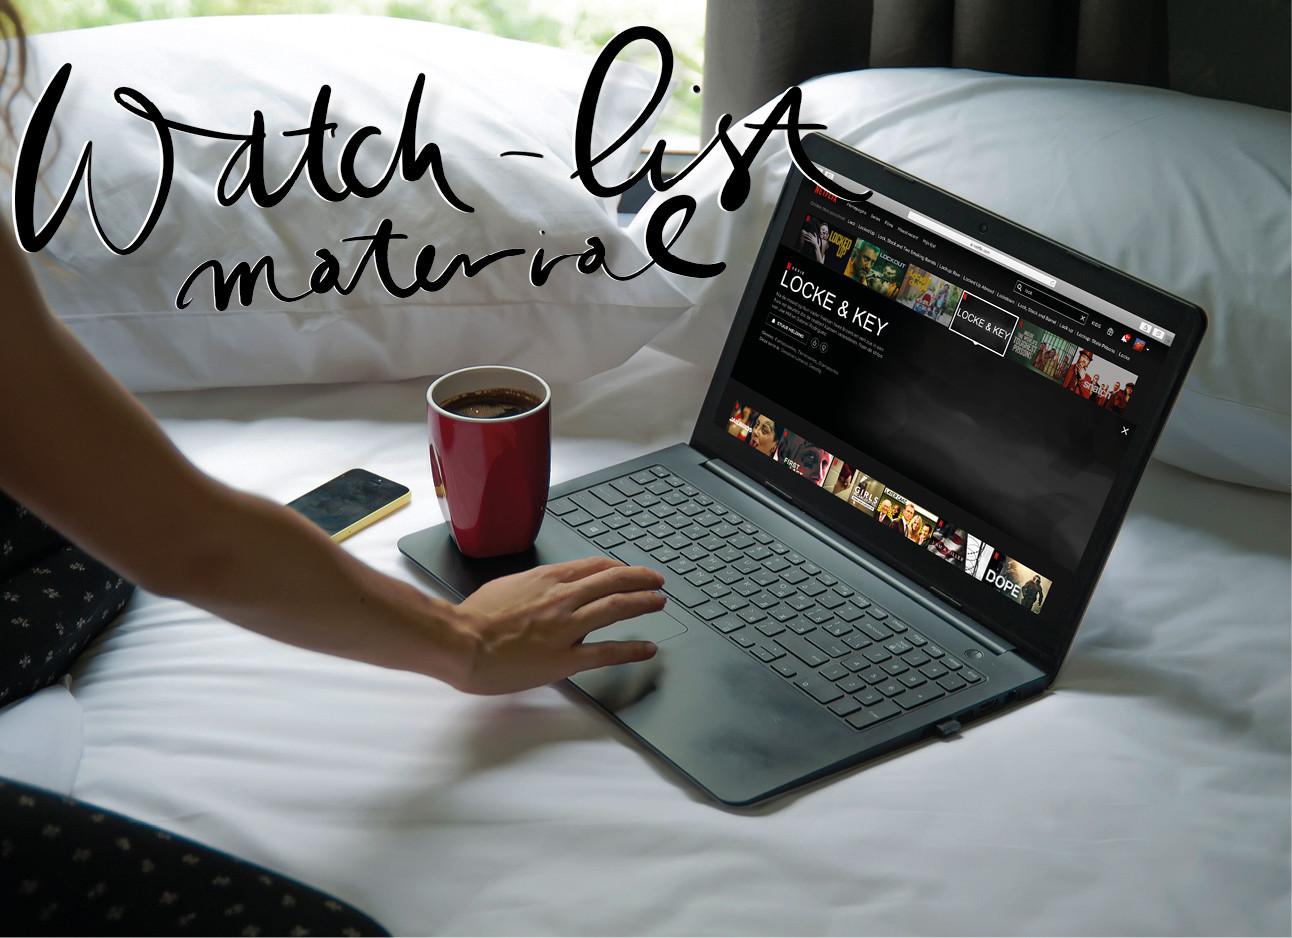 een meijse dat achter haar laptop zit en netlfix kijkt